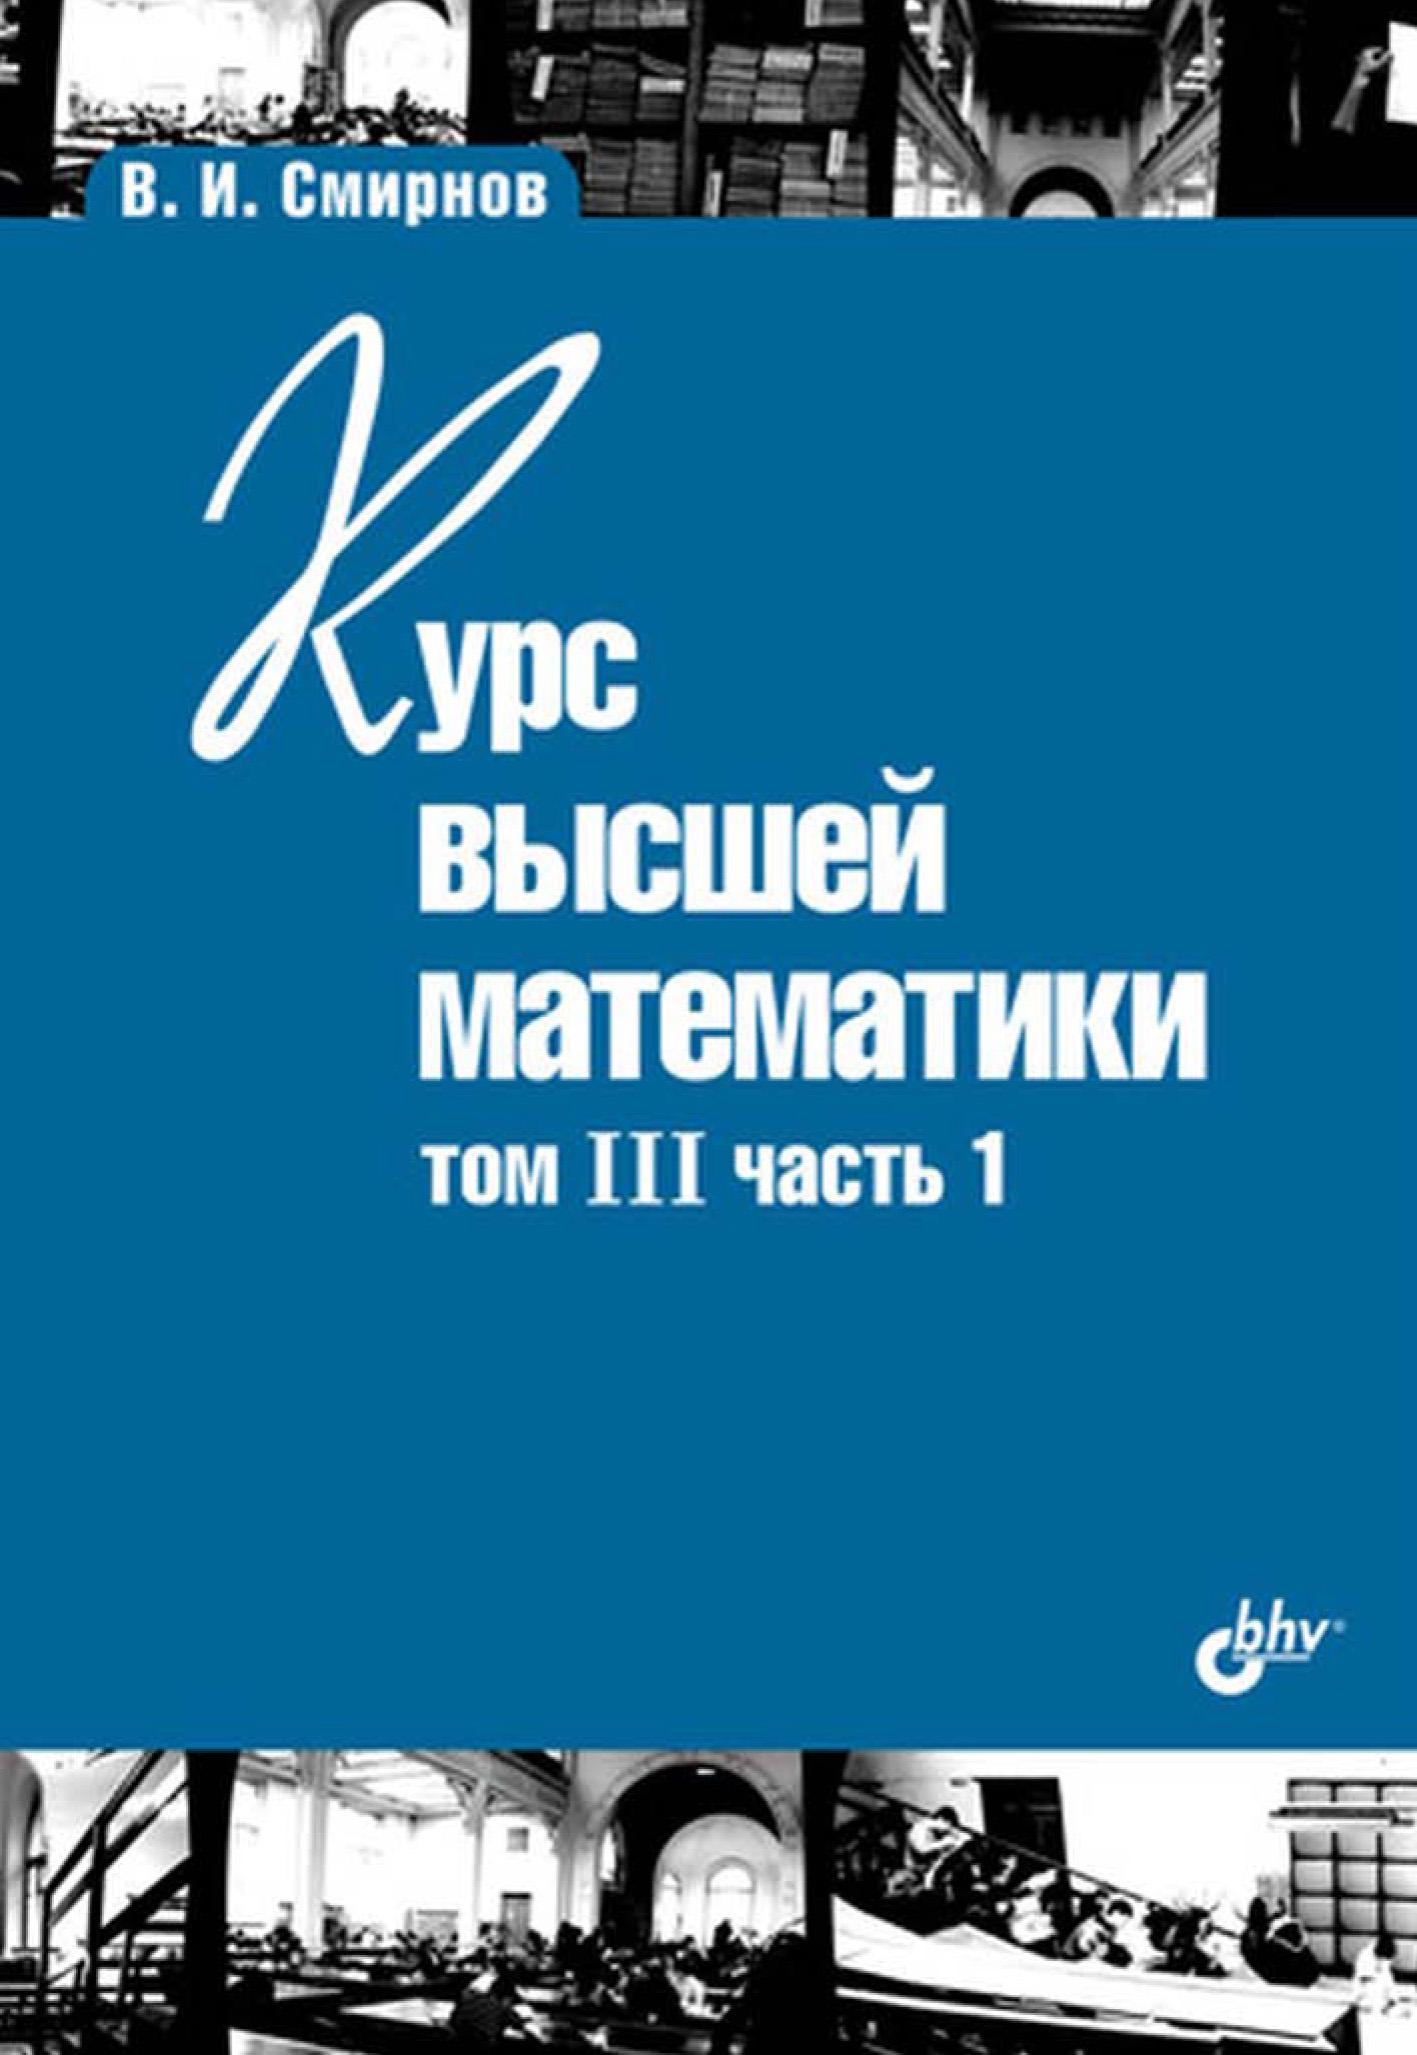 В. И. Смирнов Курс высшей математики. Том III, часть 1 наймарк м линейные представления группы лоренца